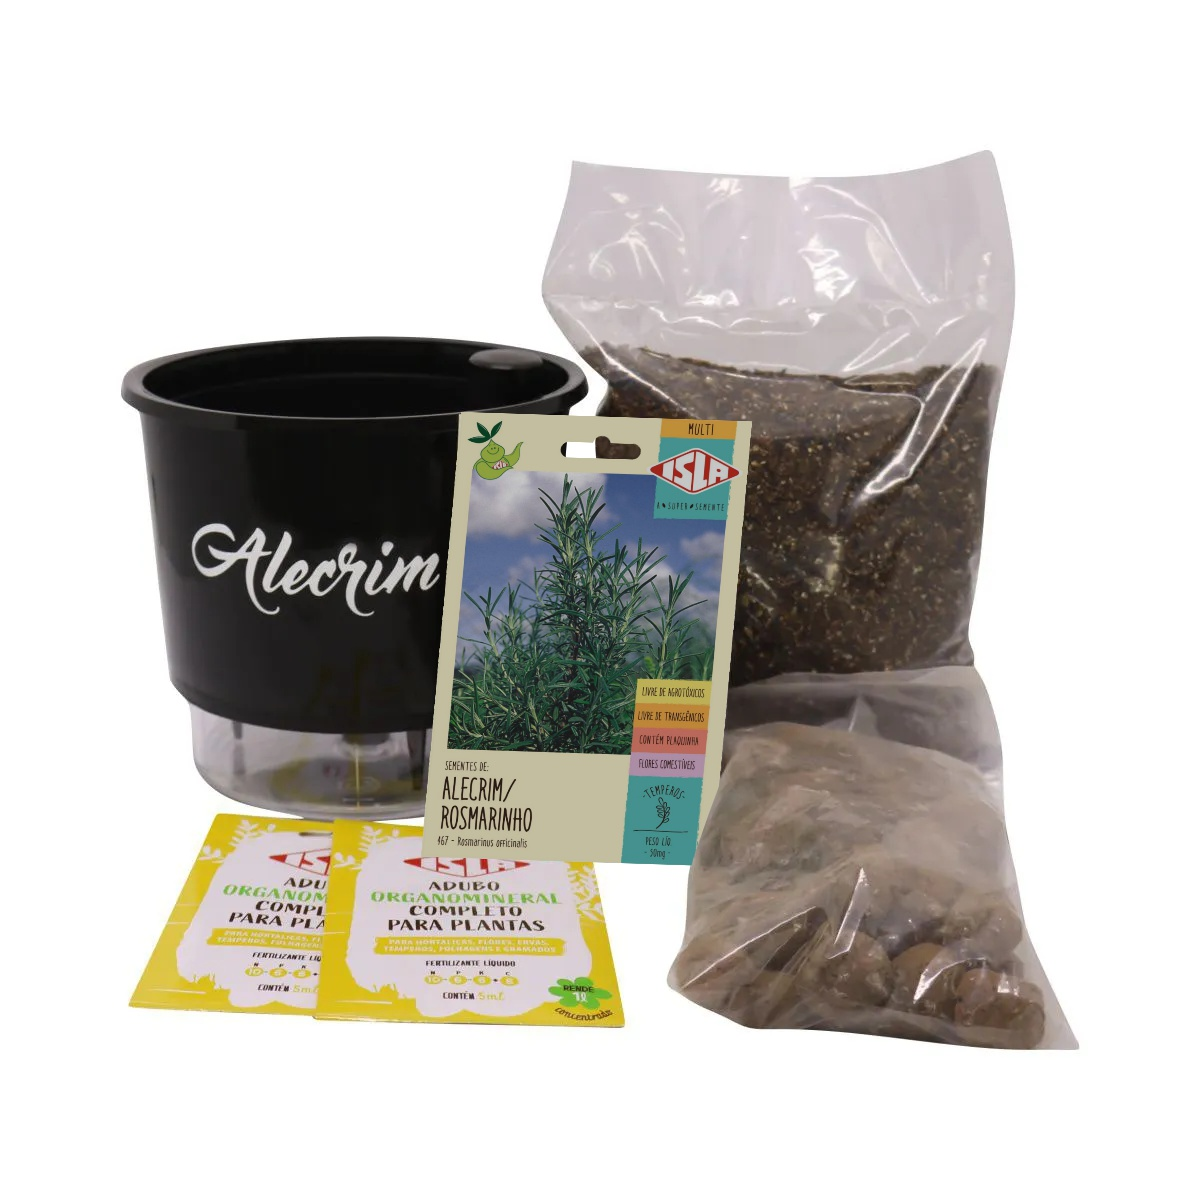 Kit Completo Inicial Preto: Meu Primeiro Plantio de Alecrim + Manual de plantio